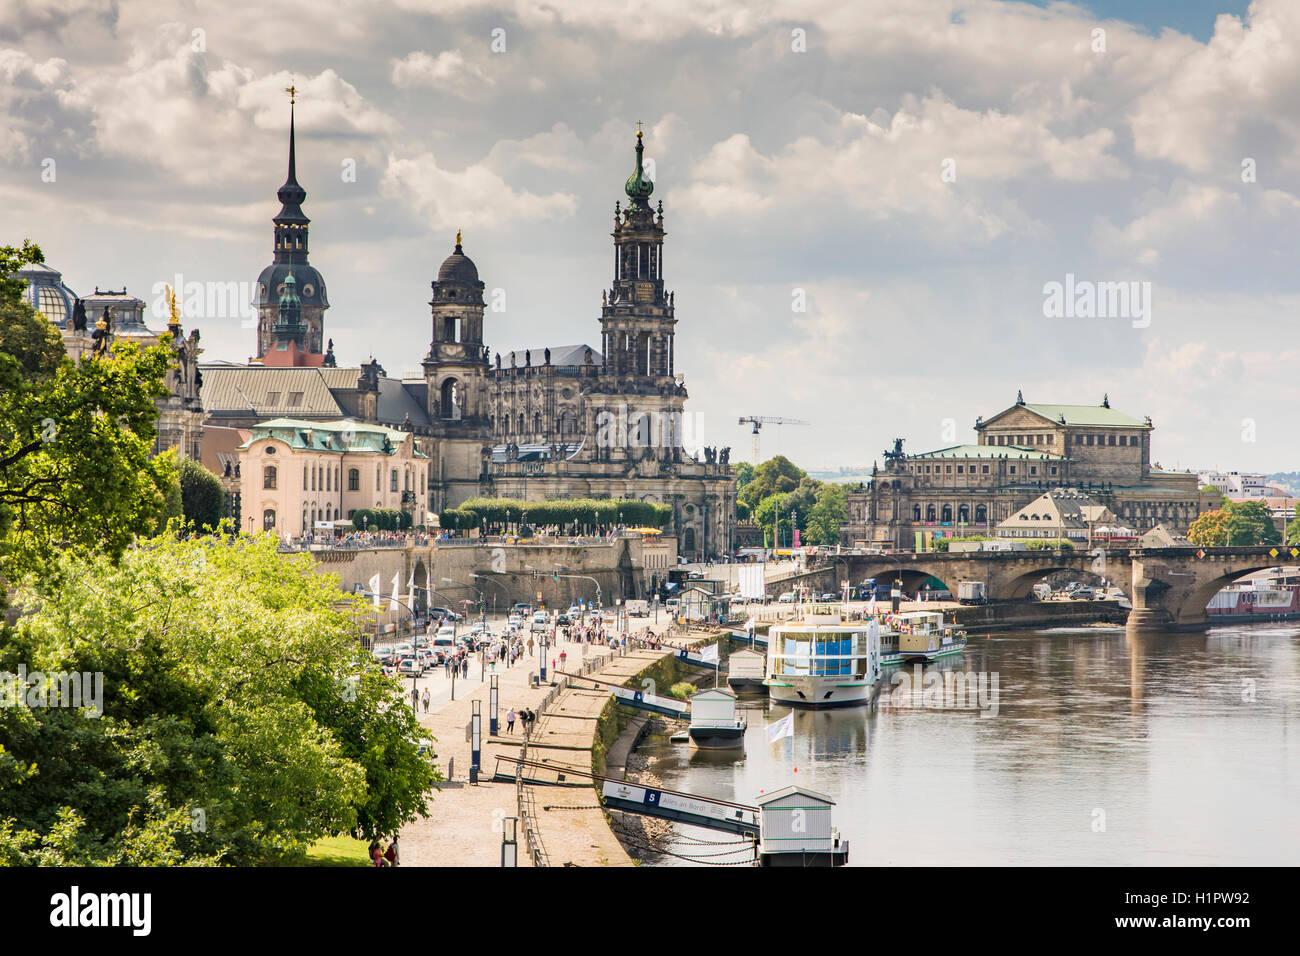 DRESDEN, Germania - 22 agosto: turisti nel centro storico di Dresda, in Germania il 22 agosto 2016. Immagini Stock